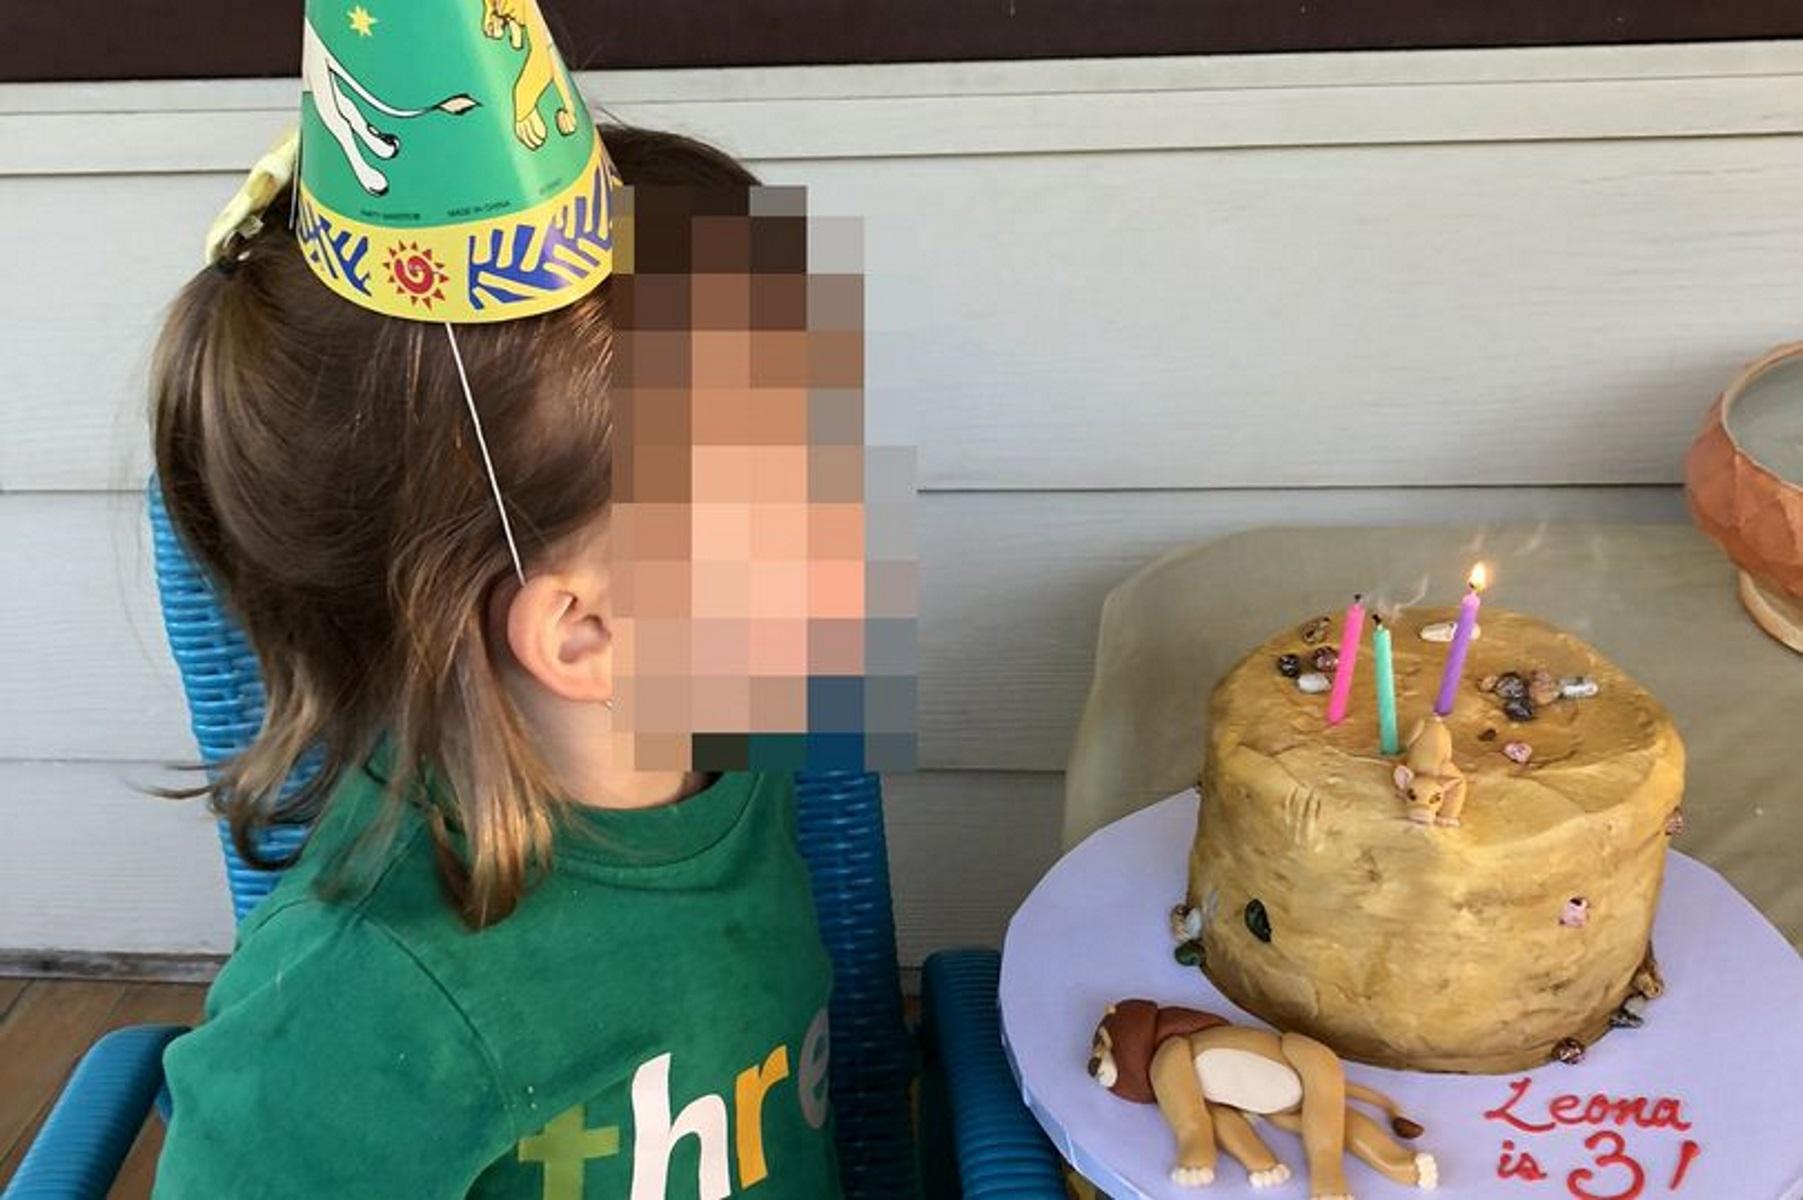 Η 3χρονη τους άφησε άφωνους: Δεν φαντάζεστε γιατί ζήτησε αυτή την τούρτα (pics)